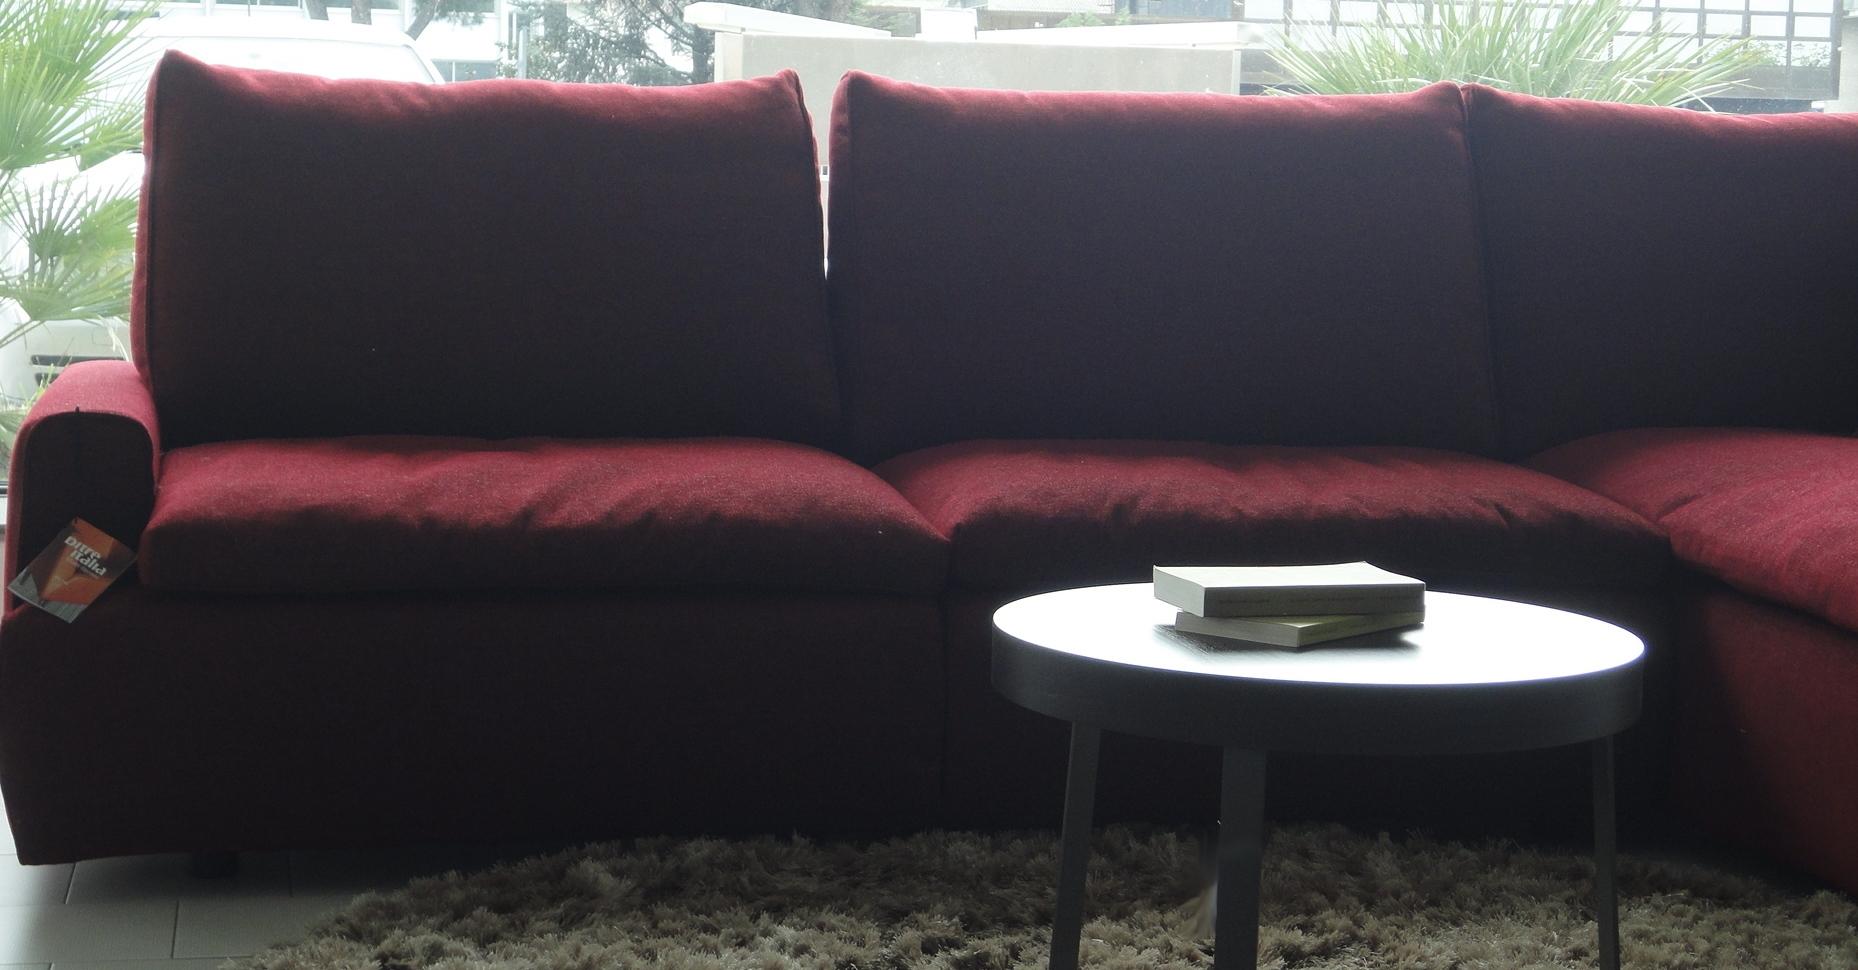 Ditre italia divano eclectic scontato del 55 divani for Mopar arredamenti